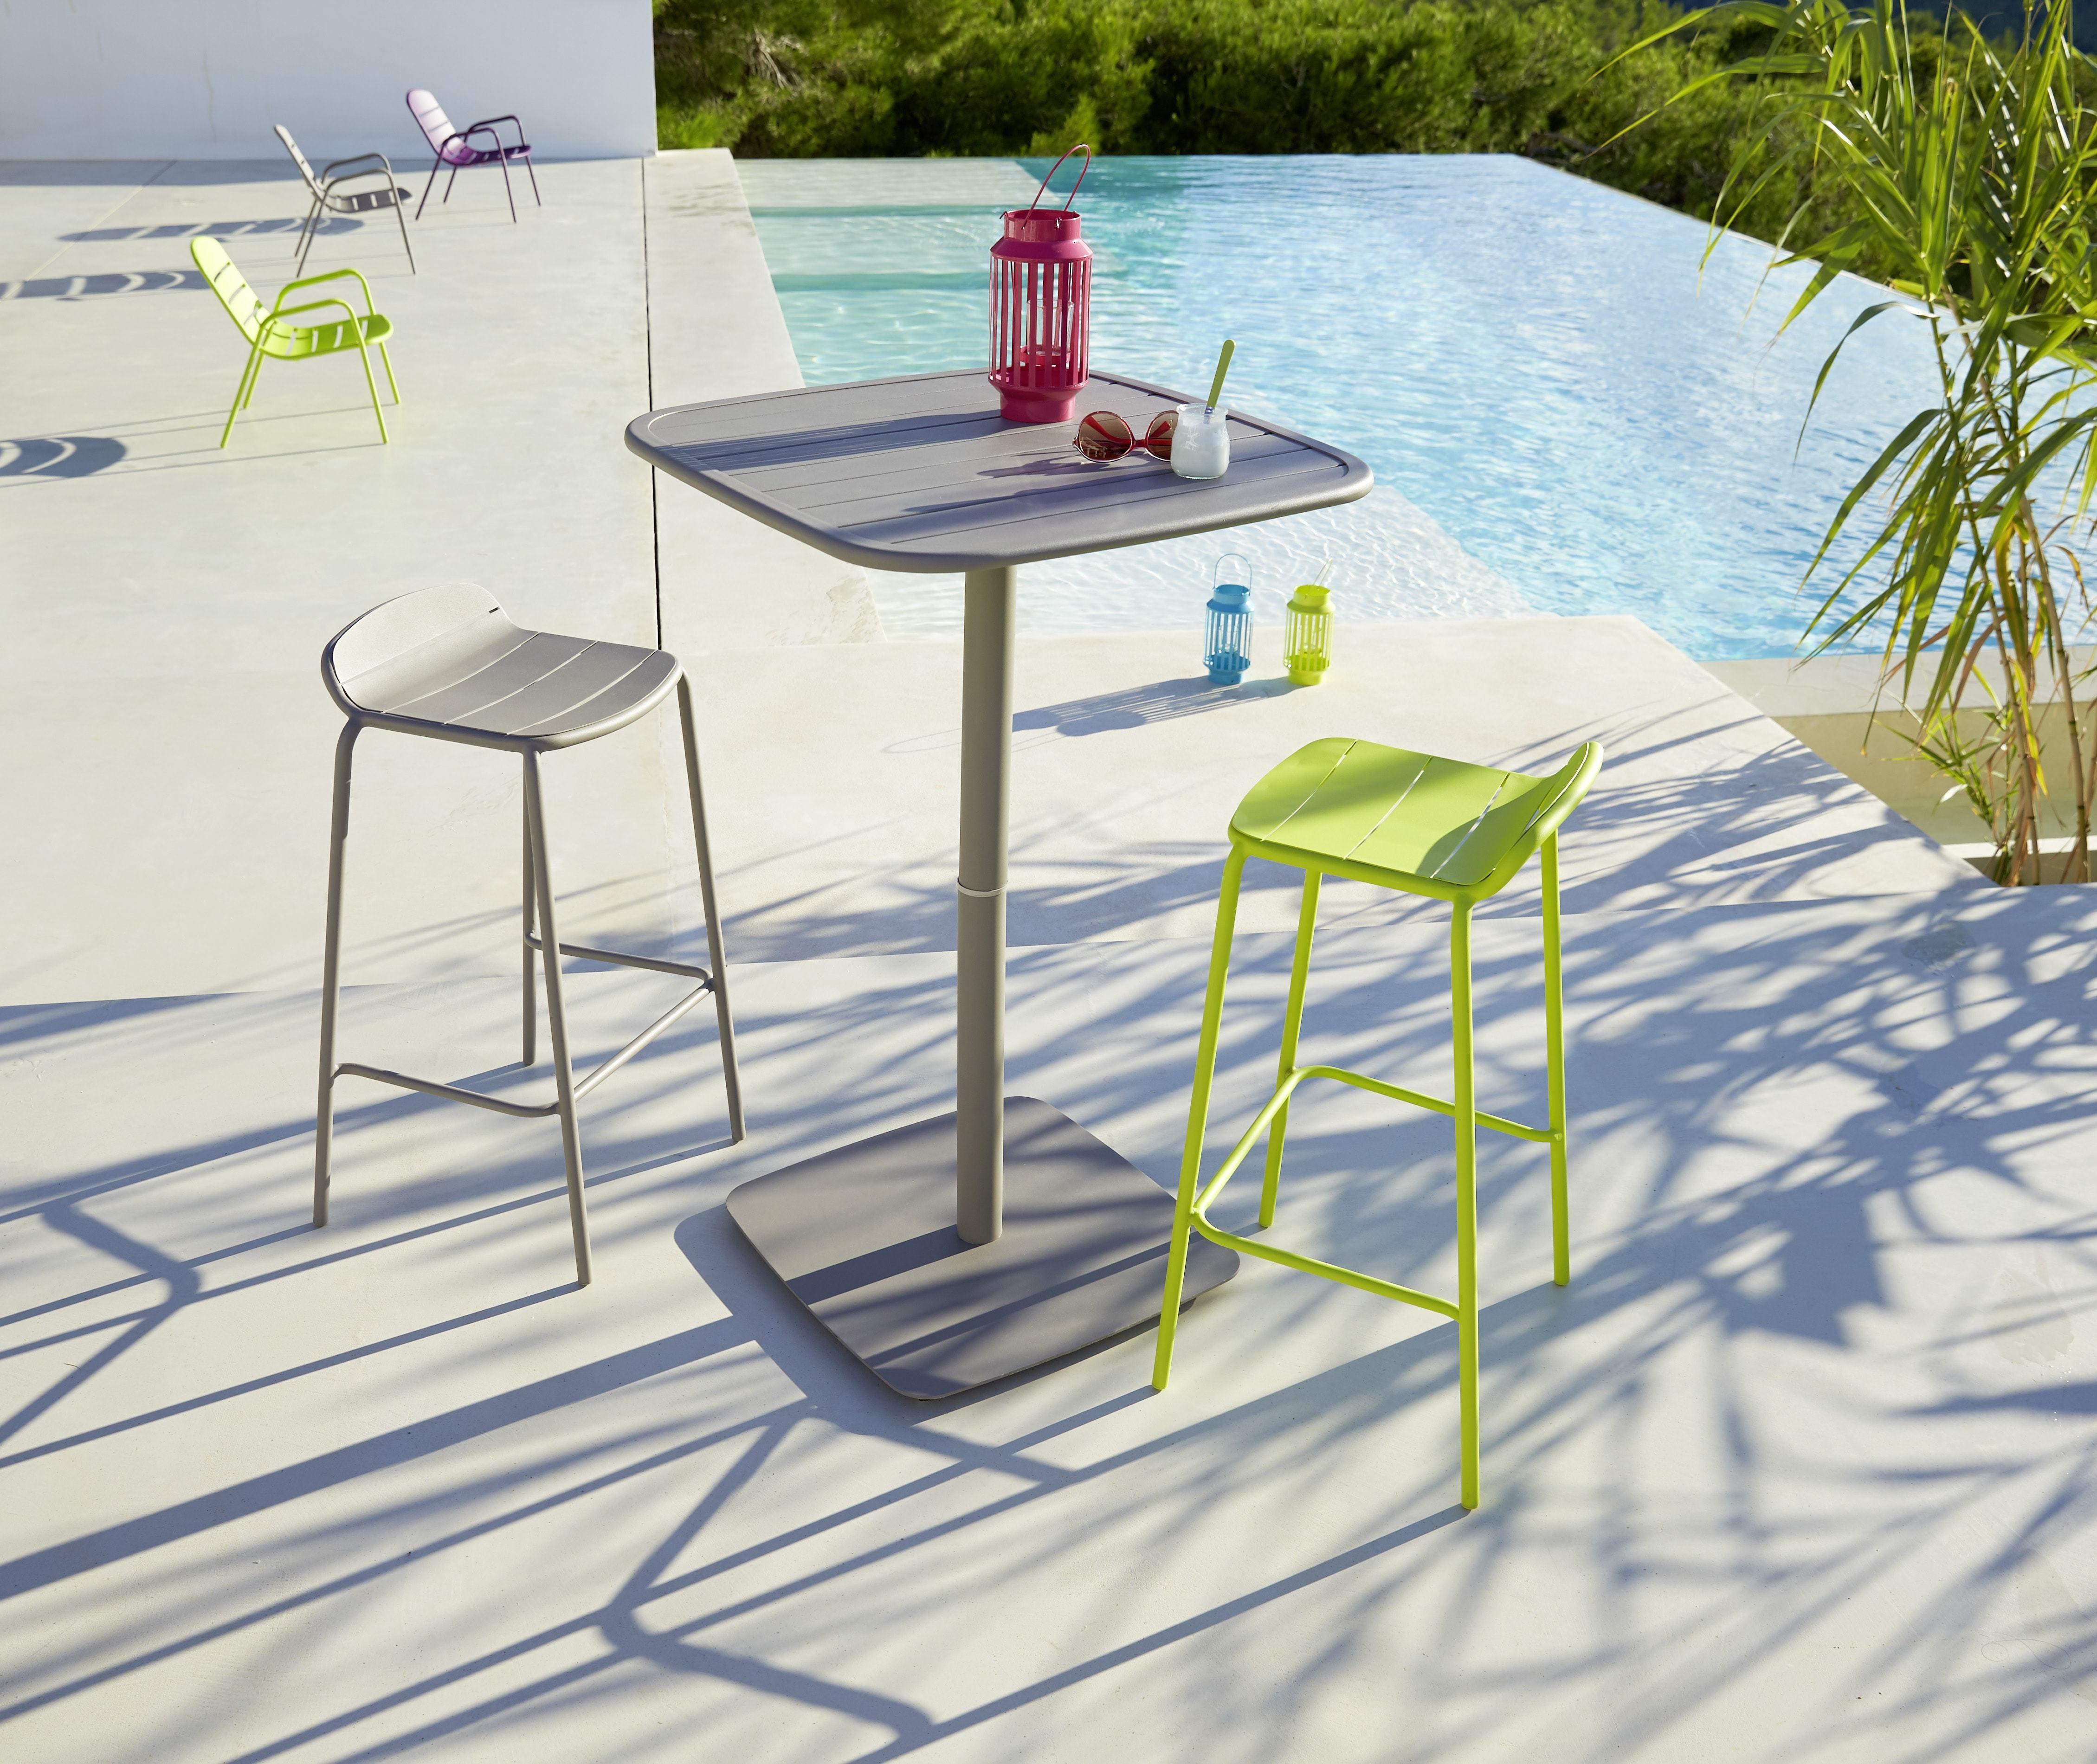 Carrefour tonnelle De Jardin Meilleur De Photographie Table Et Chaise De Jardin Carrefour Pour Incroyable tonnelle Pliable